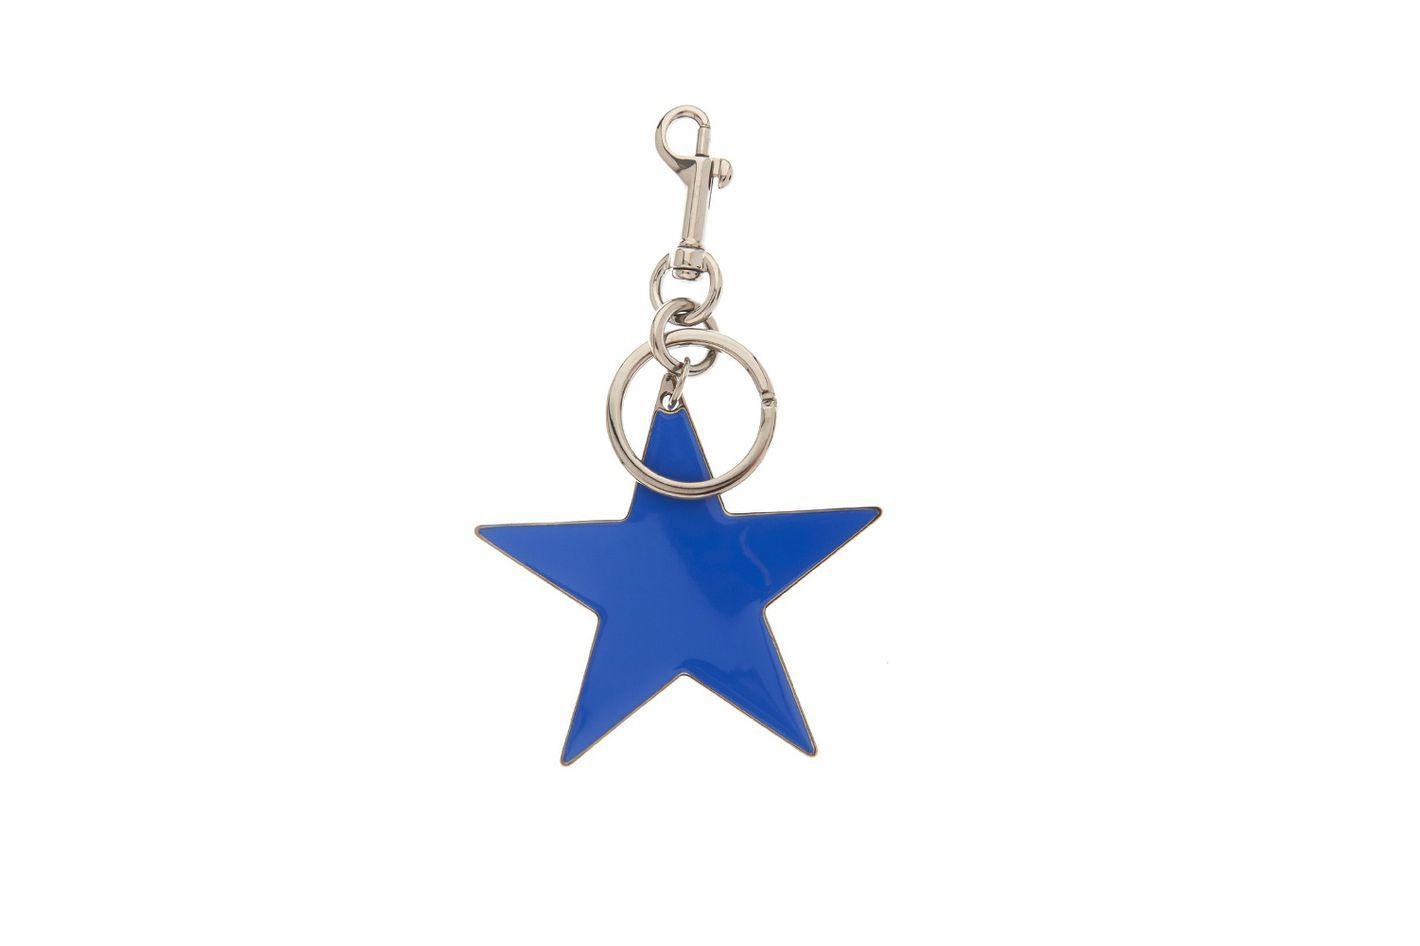 Stella McCartney Star Key Ring